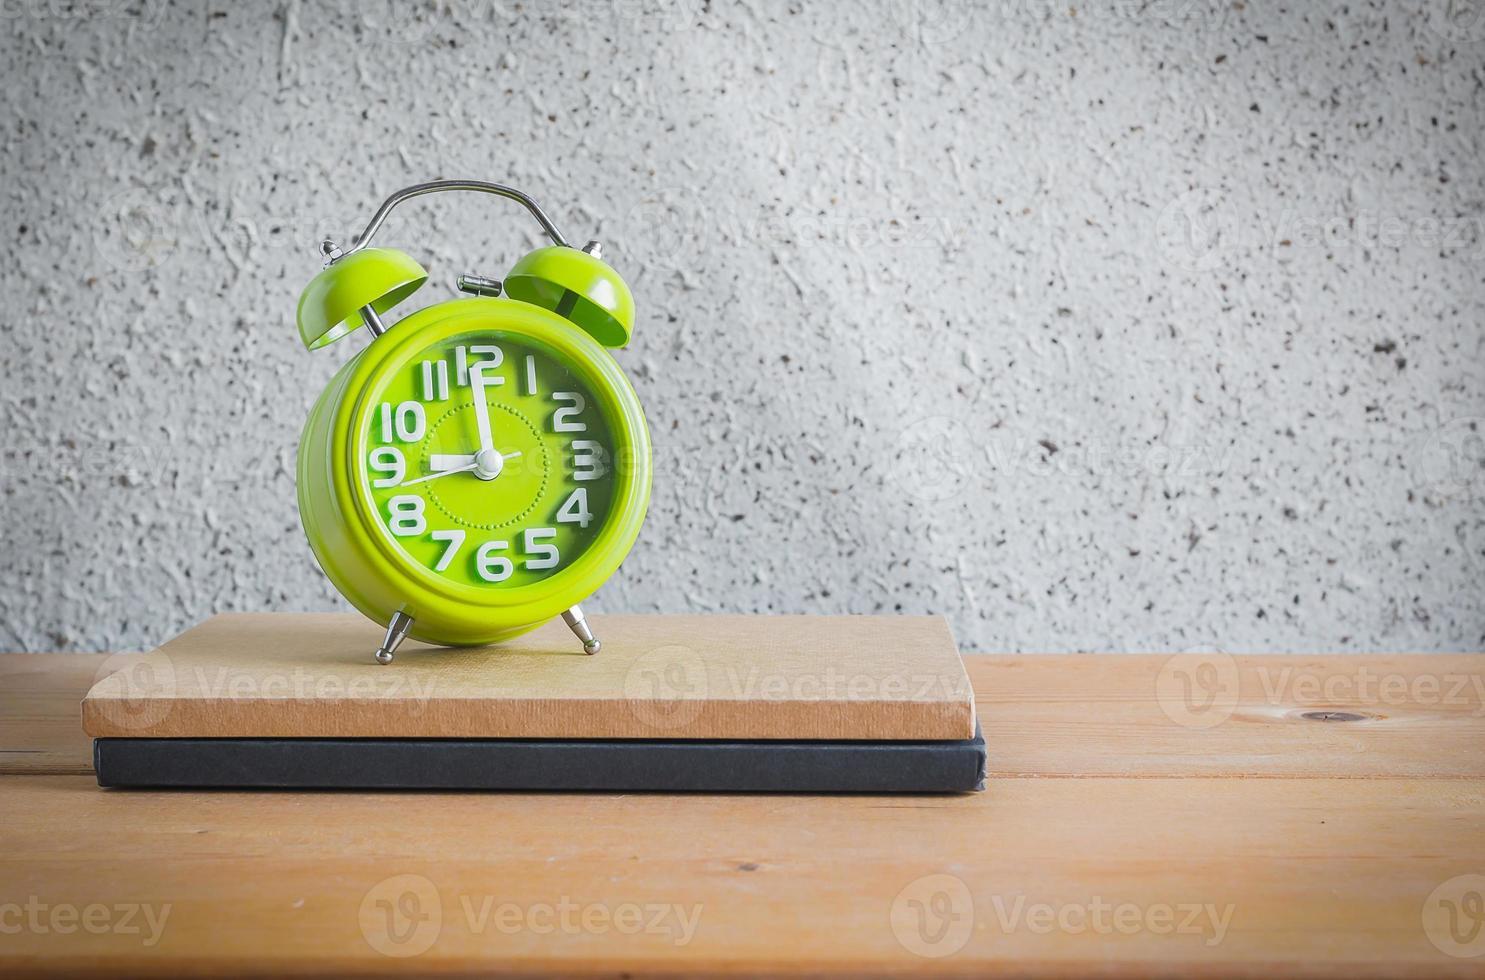 horloge et cahier sur table en bois, nature morte photo